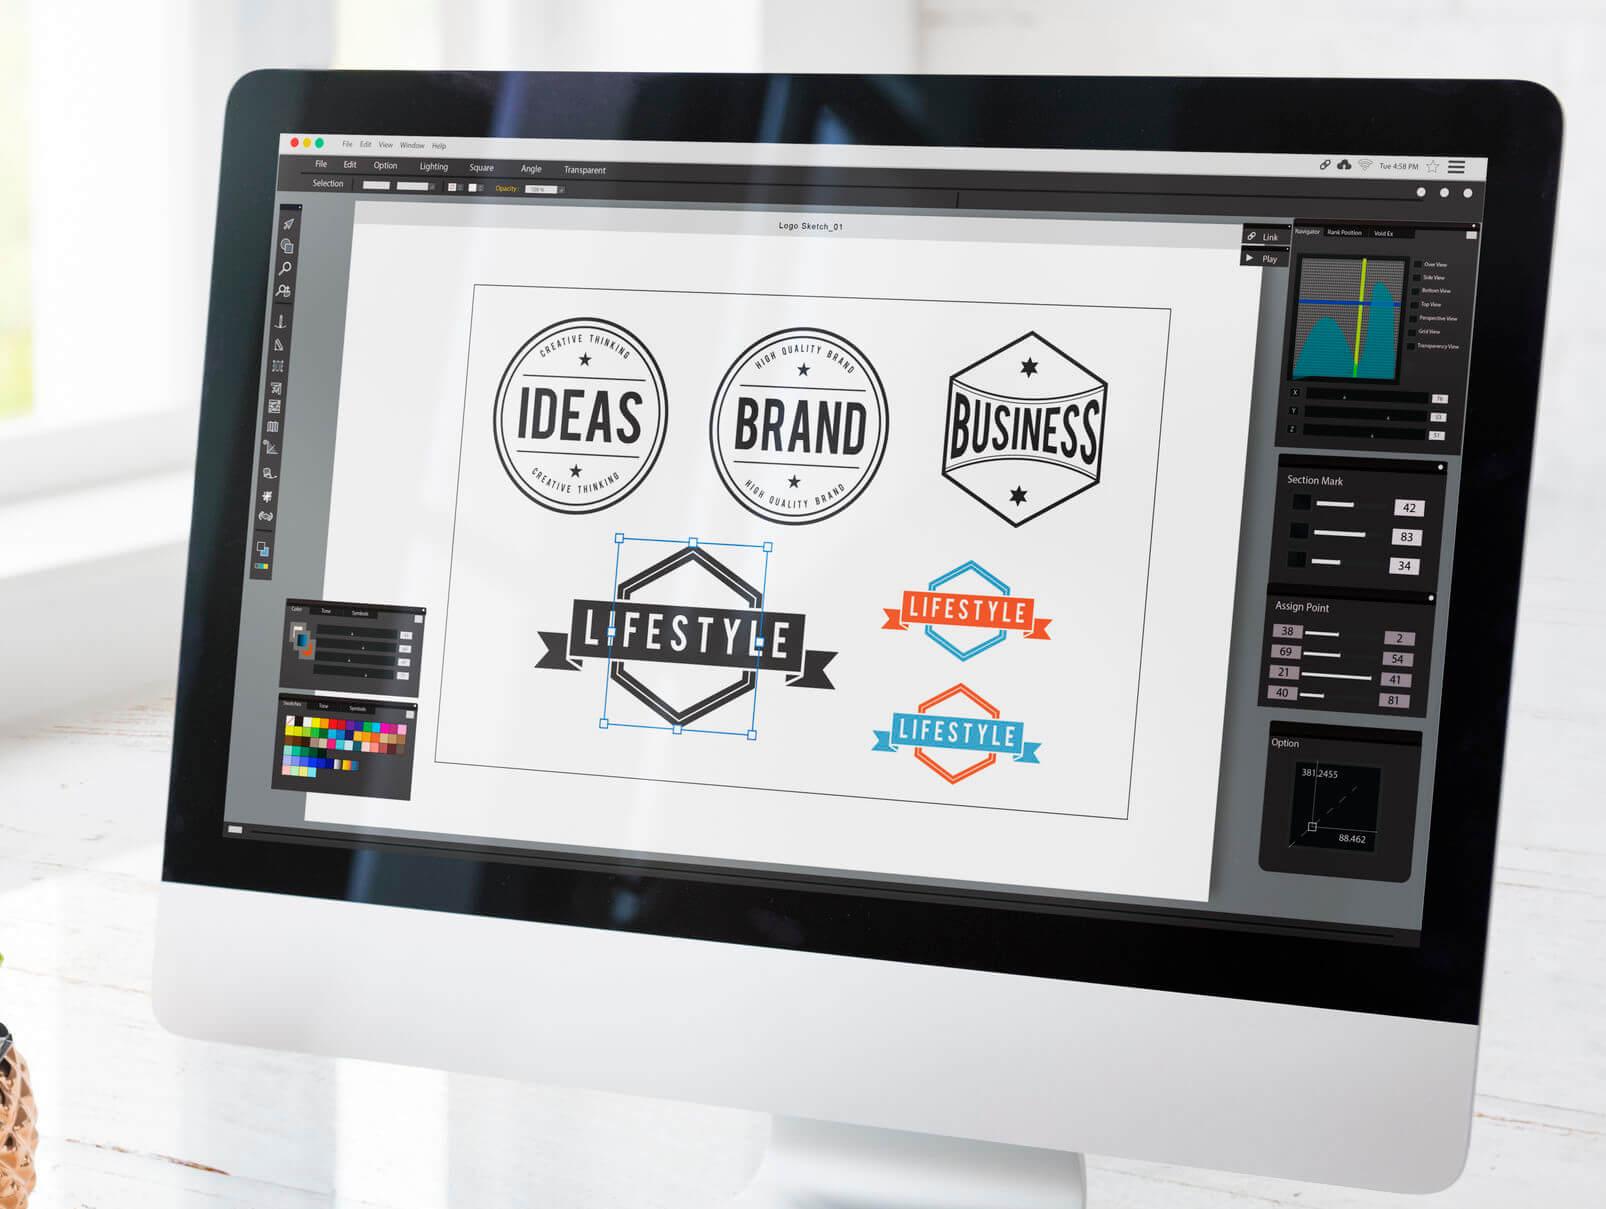 Hire A Web Designer to create website logo